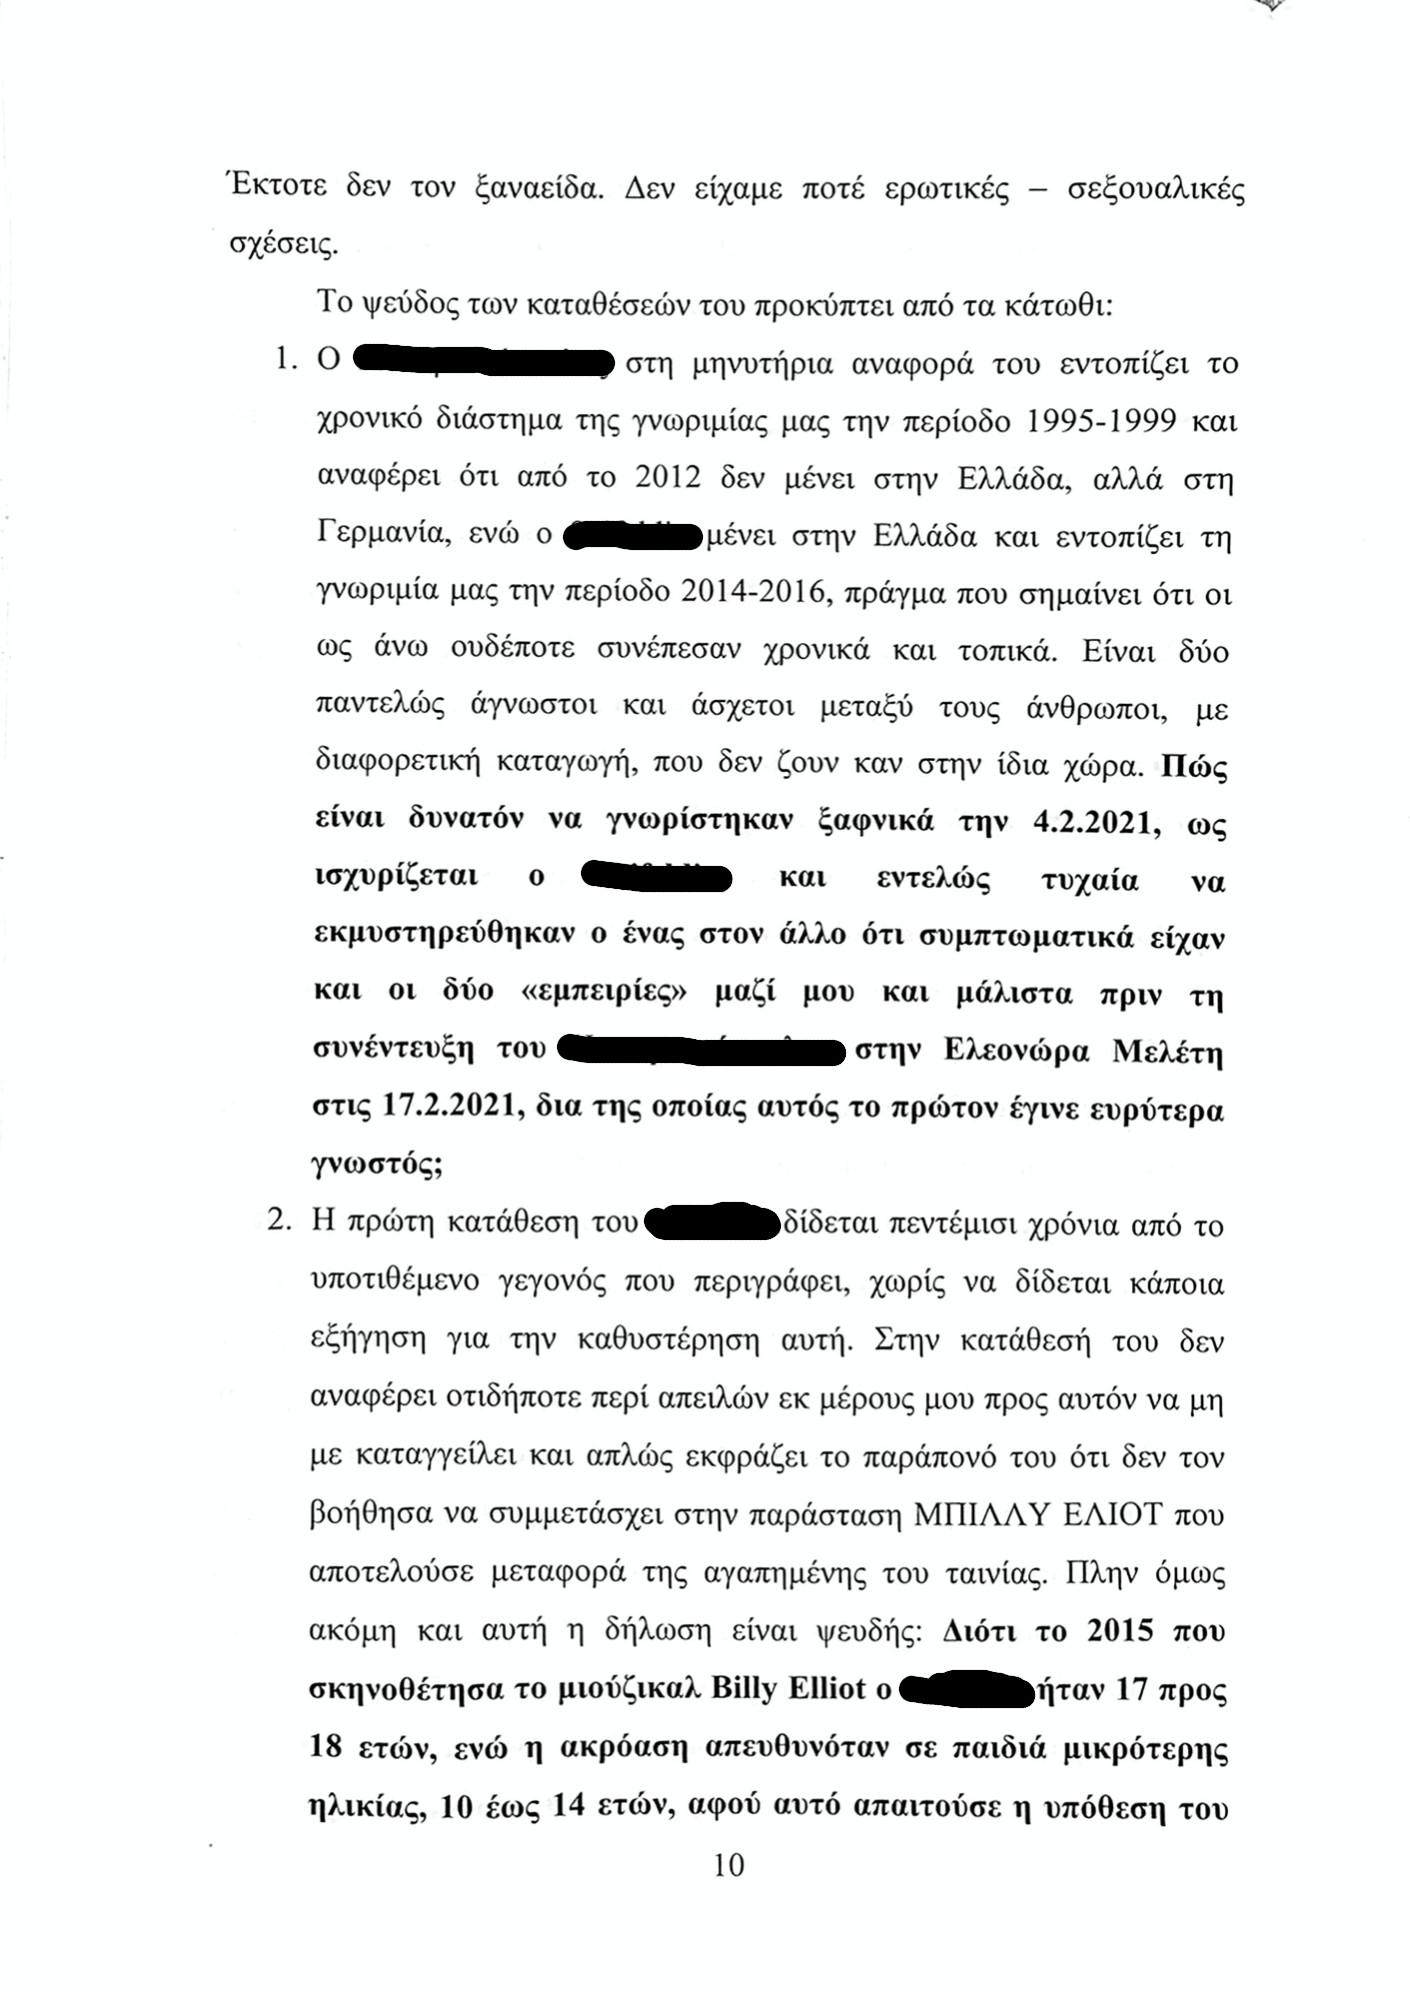 apologia lignadi 10